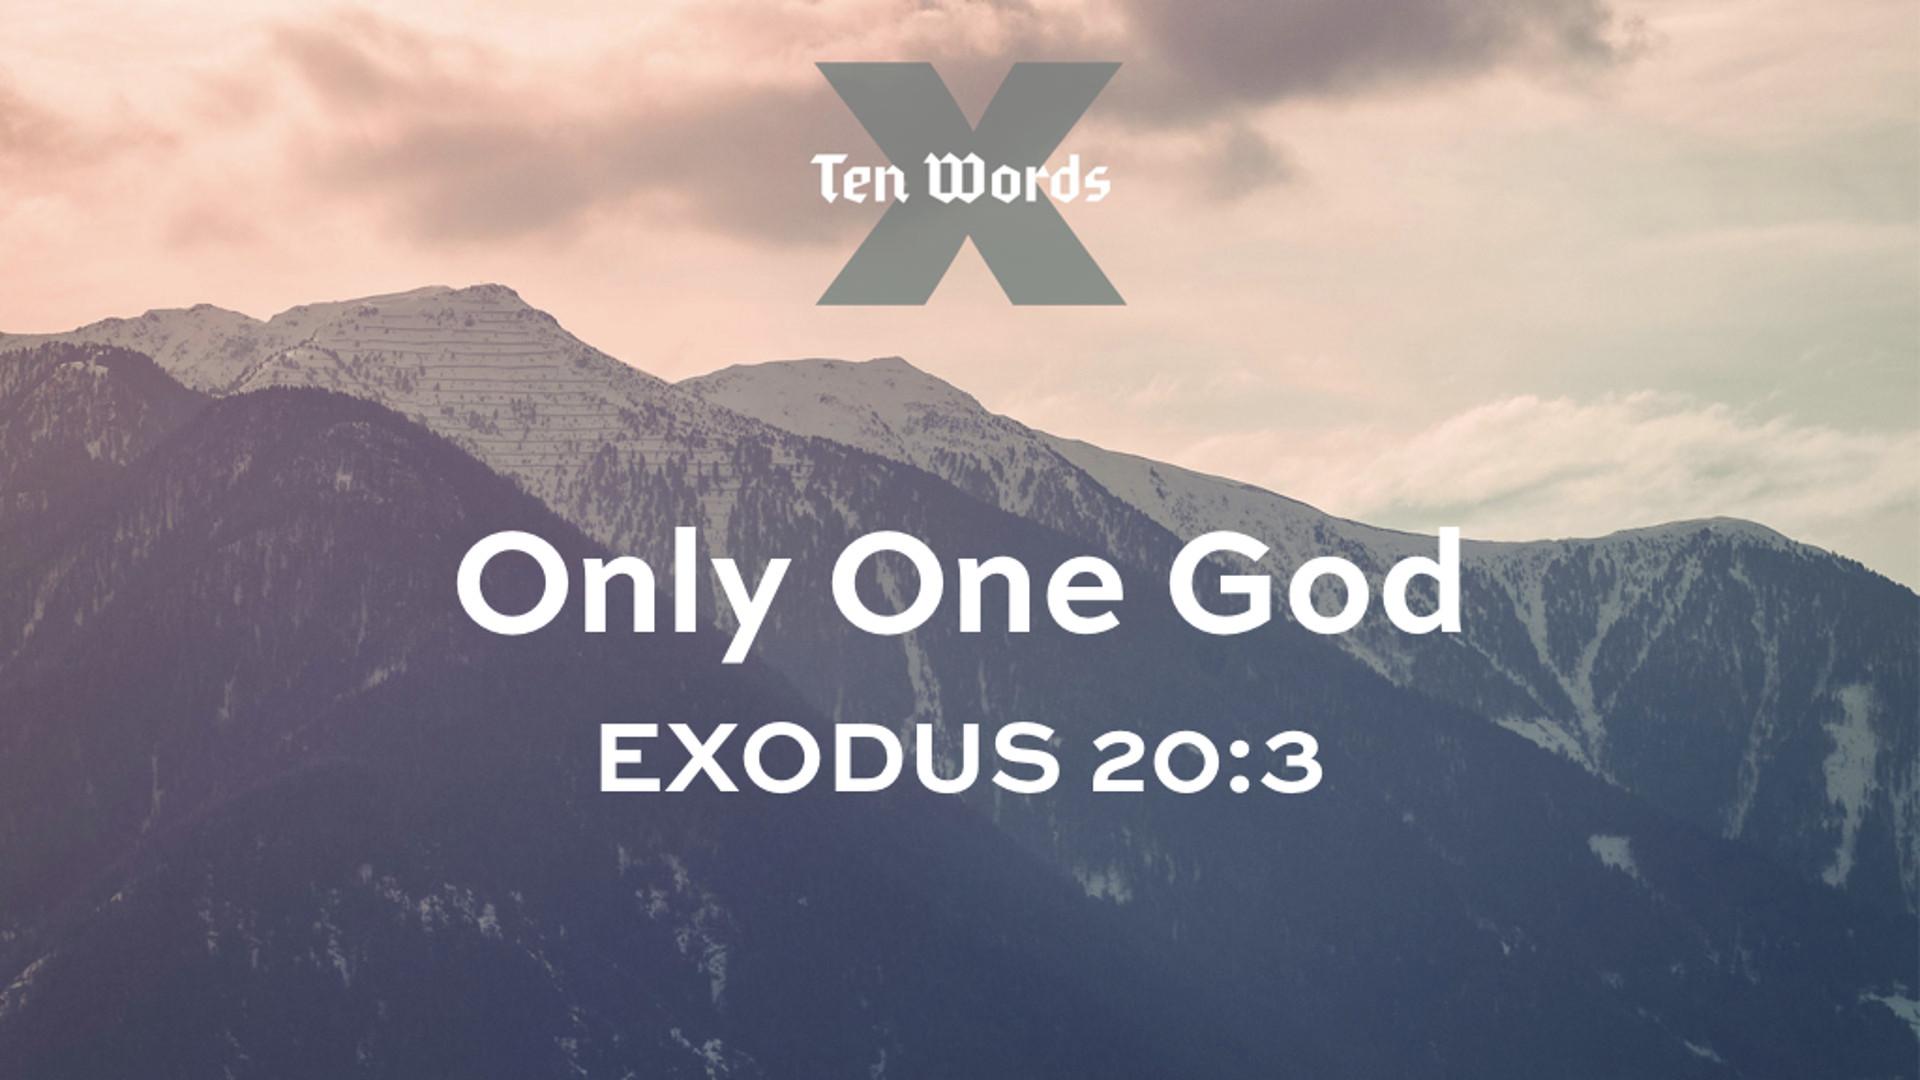 2 Only One God - Ex 20.3.jpg